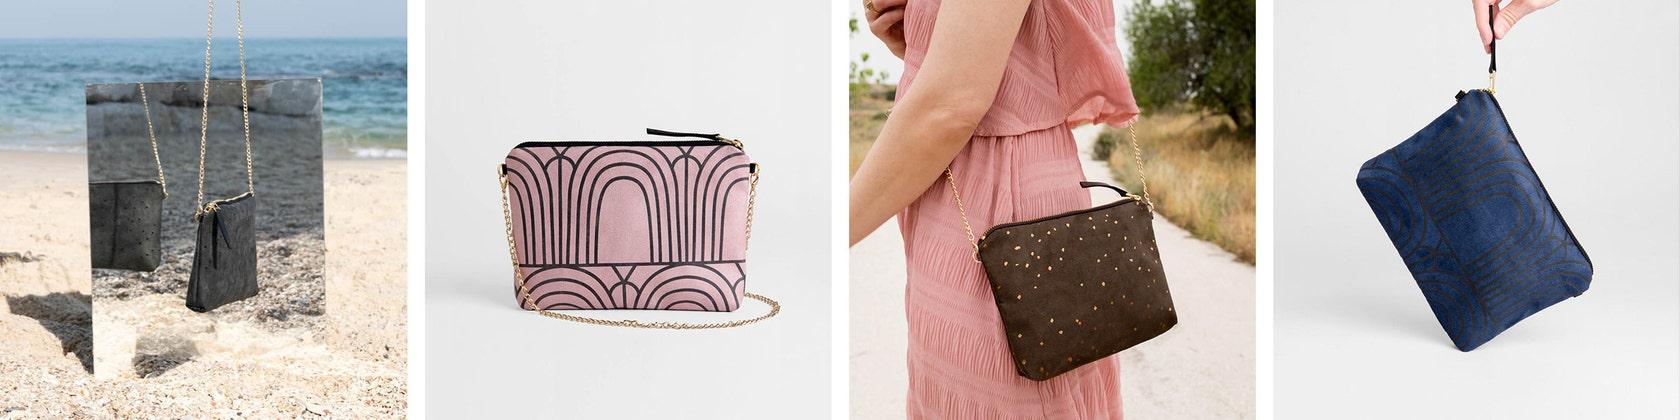 Handtaschen und Schals inspiriert von der modernen von LeeCoren